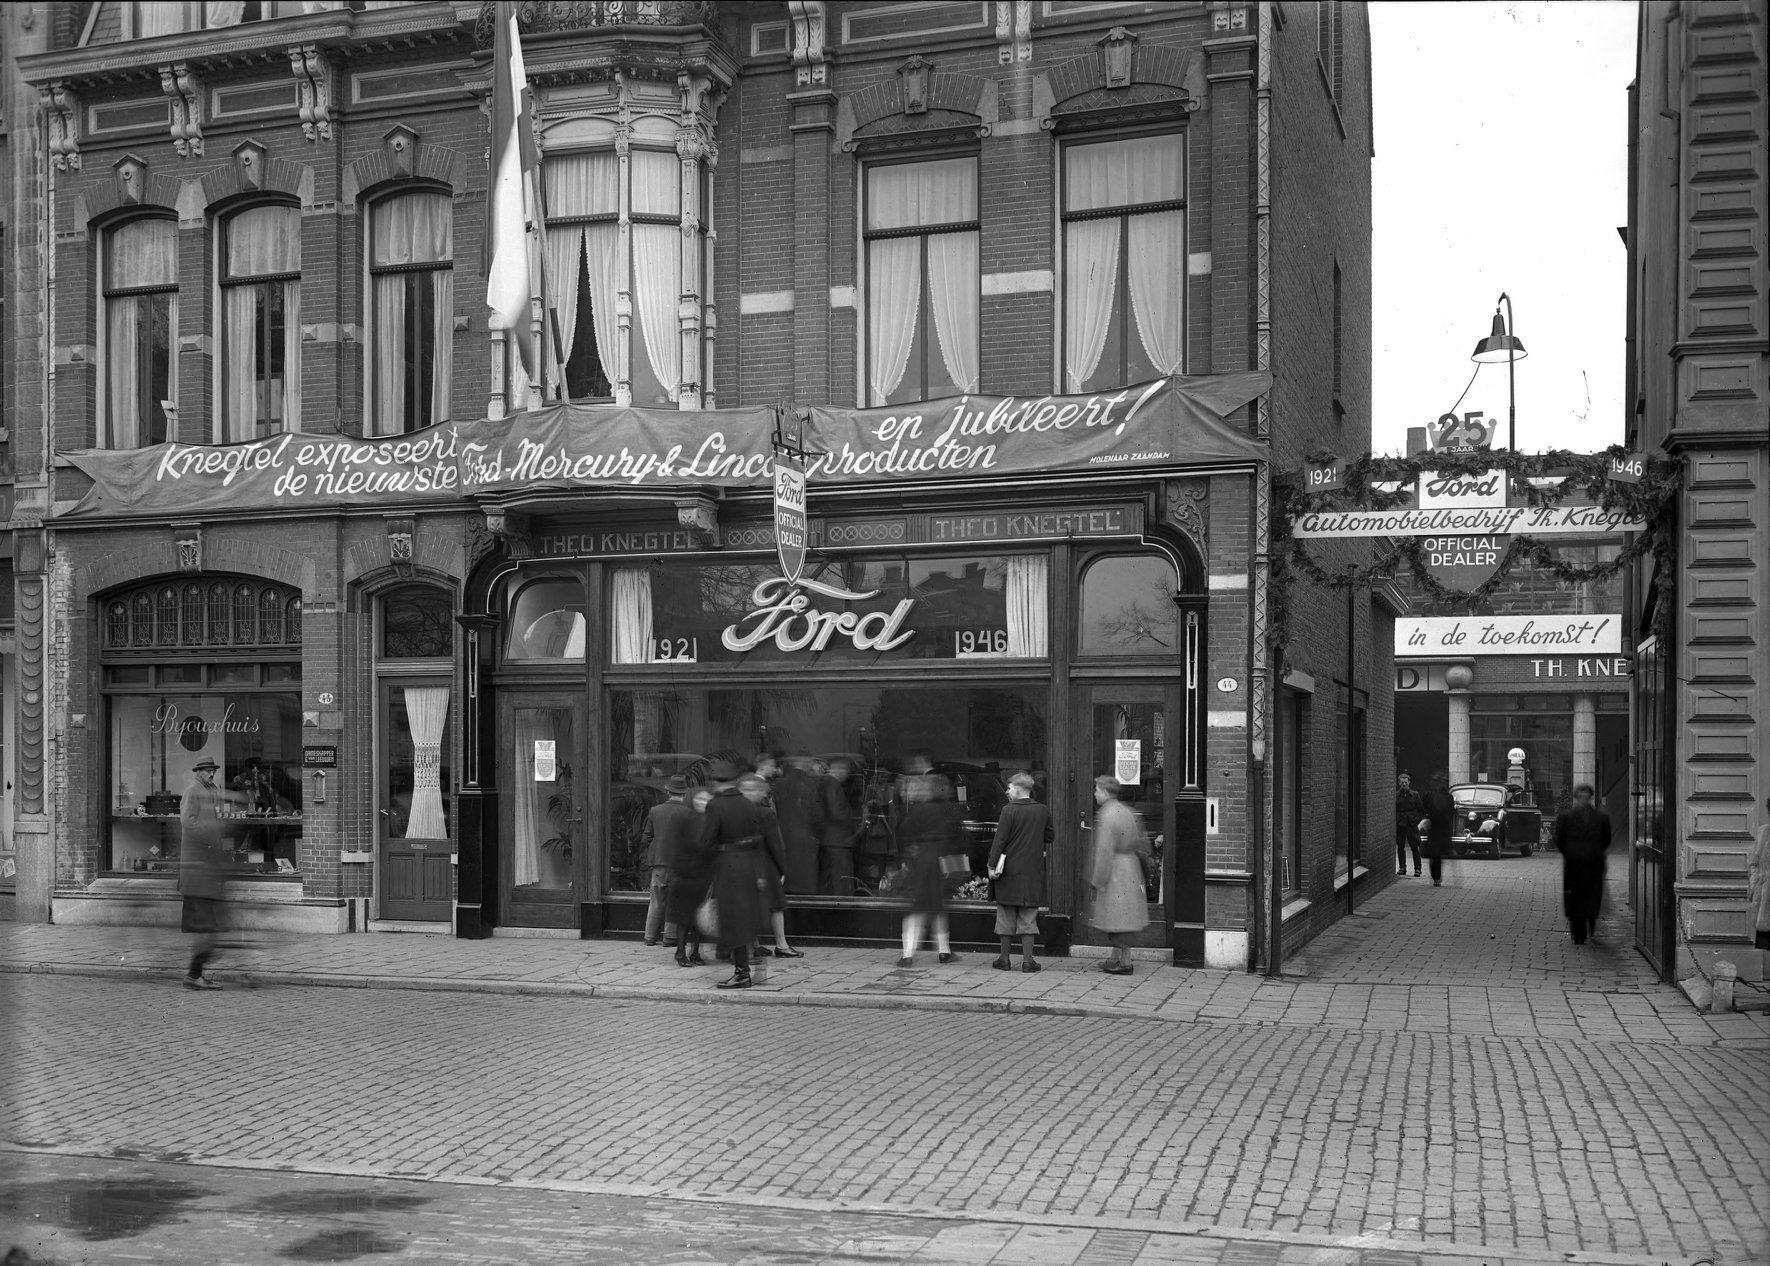 Het-winkelpand-van--automobielbedrijf-Theo-Knegtel-aan-de-Heuvel-44-uitbundig-versierd-ter-gelegenheid-van-het-25-jarig-jubileum-als-officiele-Ford-dealer--1946